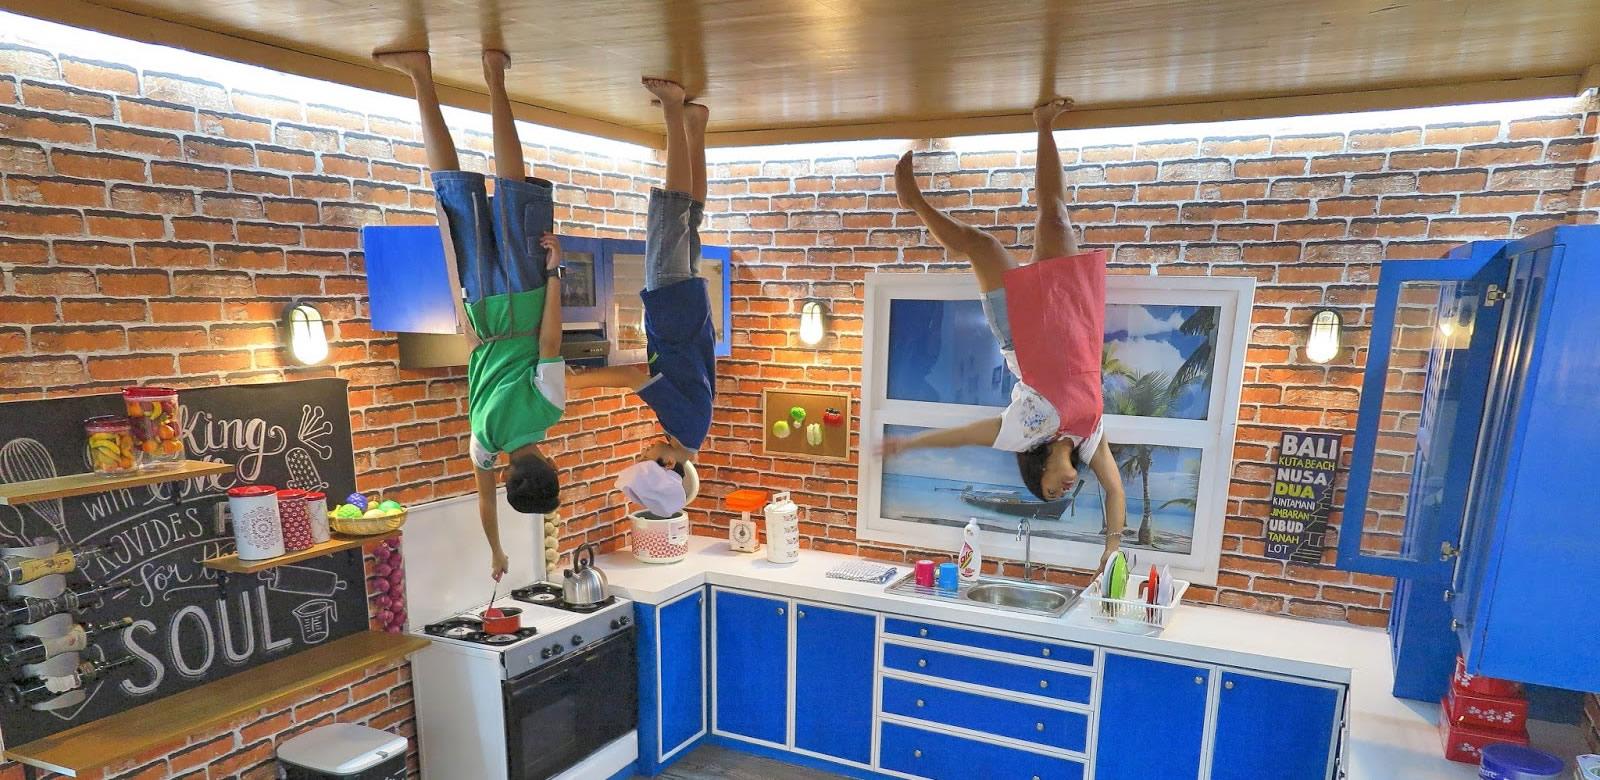 Upside World Bali Zeotrip Image Credit Www Upsidedownworldgroup Destinations Indonesia